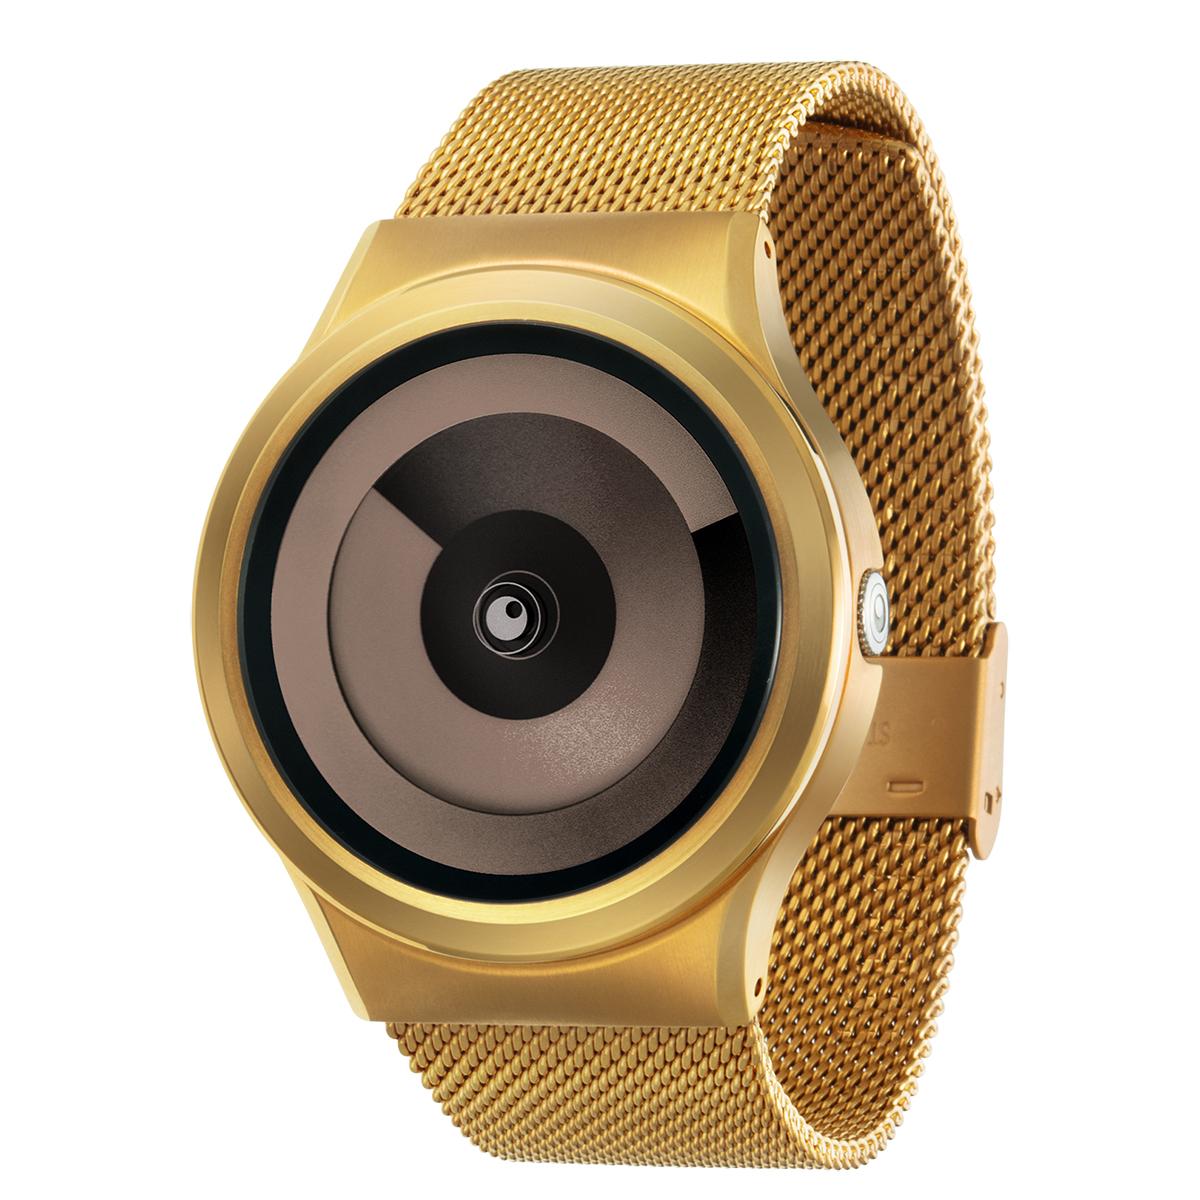 ファッションウォッチ 年末年始大決算 デザインウォッチ 5ATM メーカー保障12ヶ月 ベルト調整用工具 LOGO入りクロス 取扱説明書 ZIIIROとは関係ありません ZEROOTIME ゼロタイム ZEROO SPIRAL GALAXY 電池式クォーツ メンズ デザイナーズ 腕時計 ペア用 ベージュ ゼロ スピード対応 全国送料無料 おしゃれ時計 レディース ユニセックス W06019B04SM04